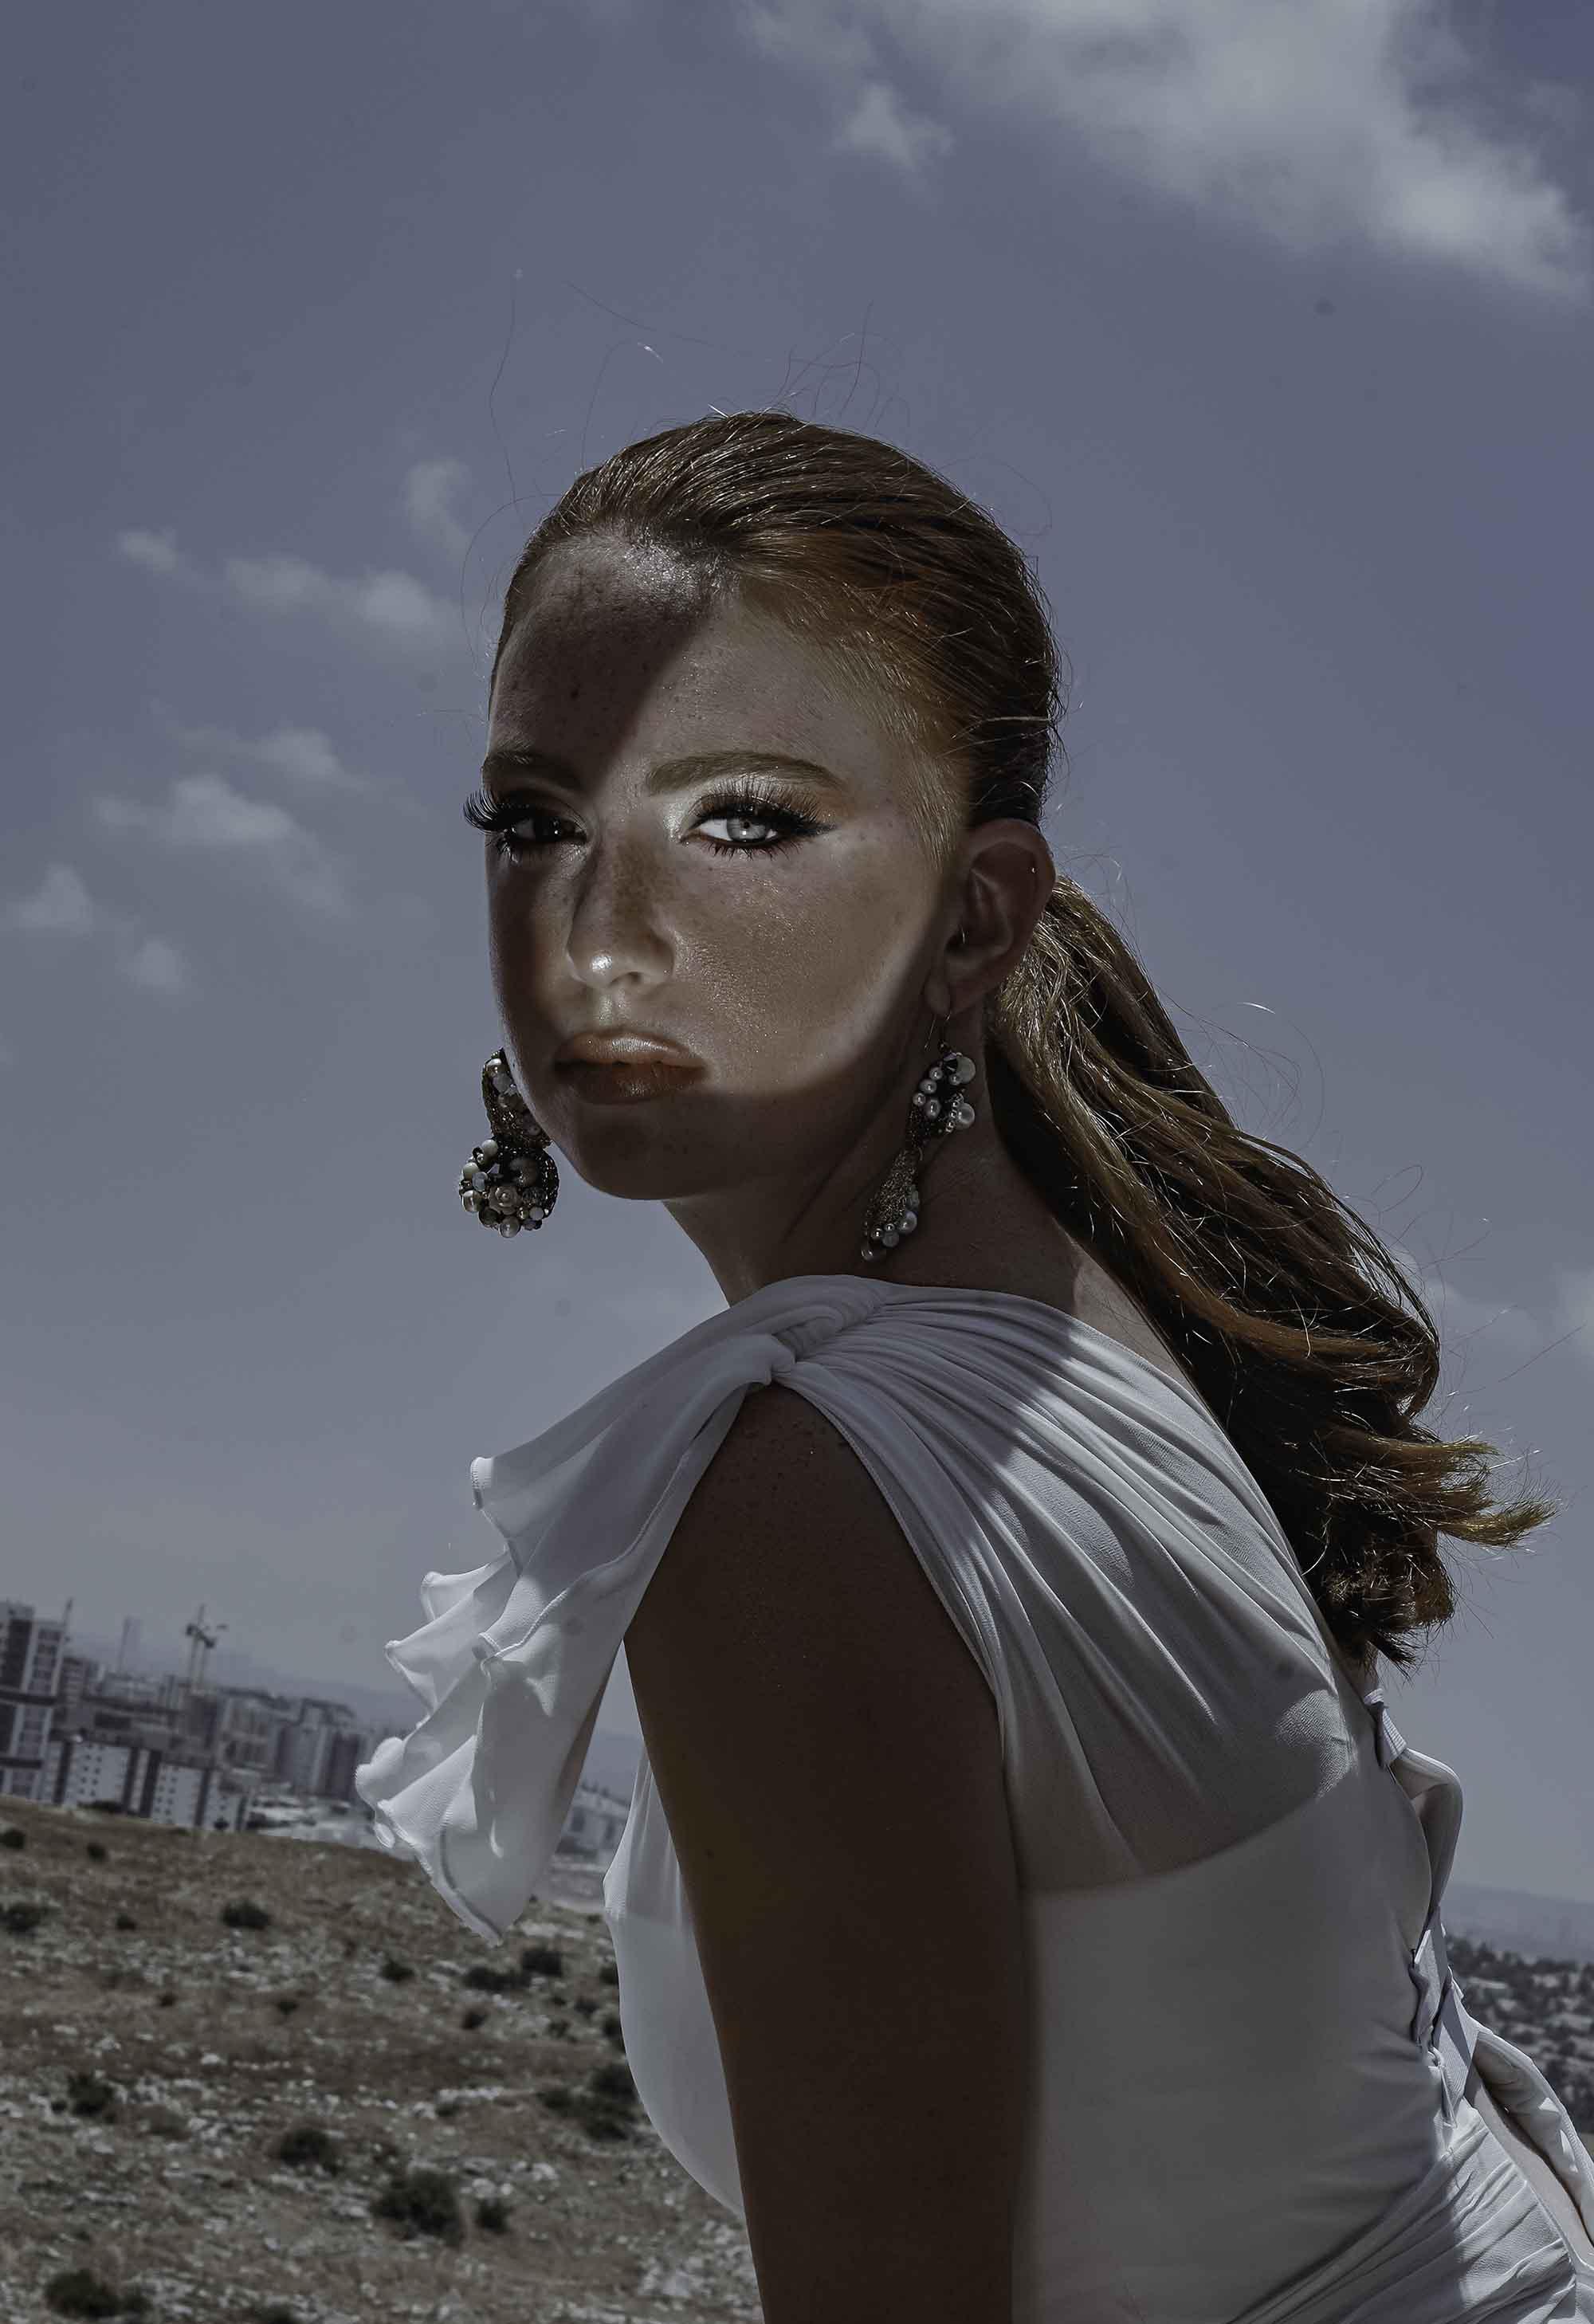 אופנה, איפור, אורנה רימוק, צילום, בן לאון, דוגמנית, אמילי זלצר, מגזין אופנה -6